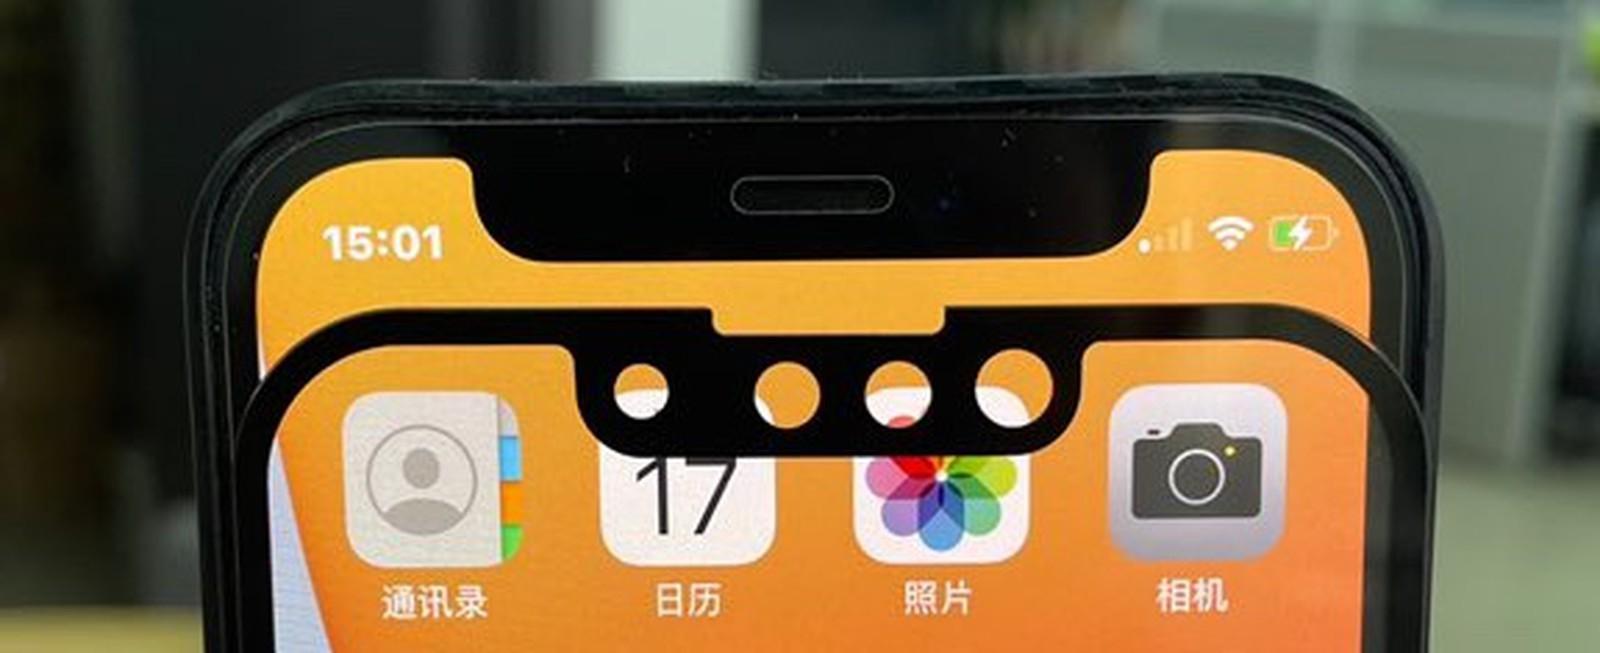 iPhone 13 屏幕保护膜曝光: 刘海宽度明显减少